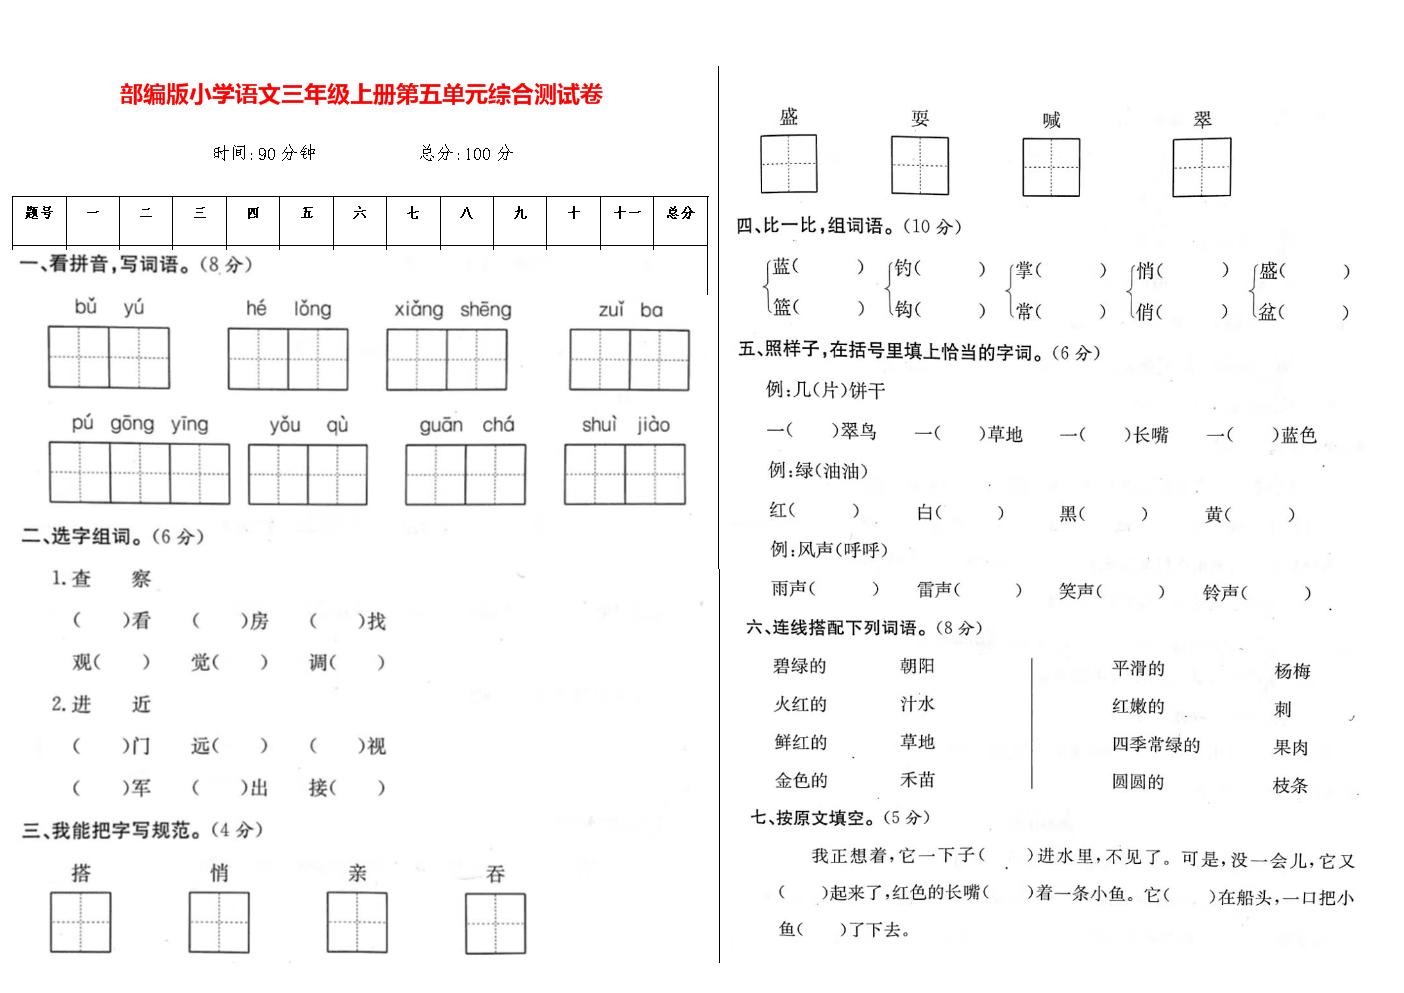 新部编版小学语文三年级上册第五单元综合测试卷(附答案).docx